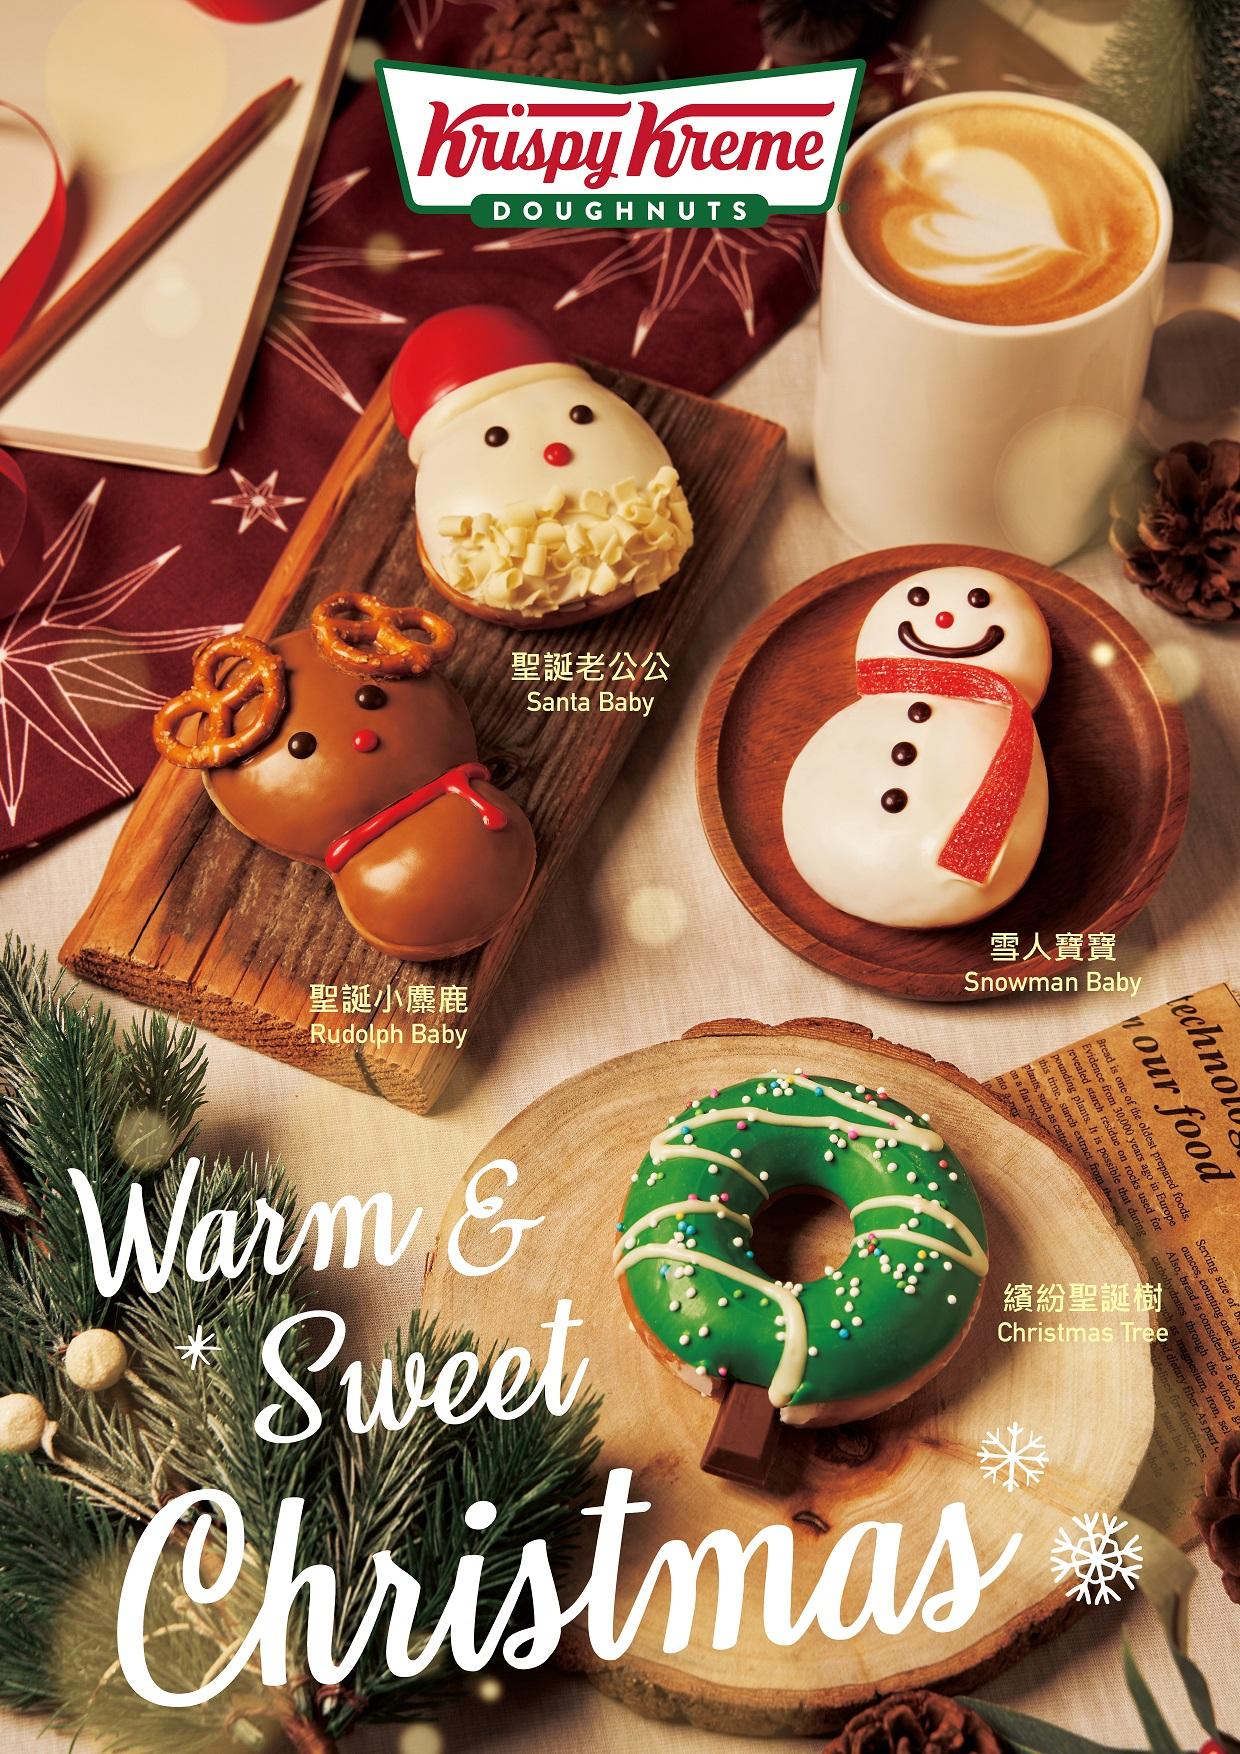 Krispy Kreme歡樂耶誕迎新年,2020七大優惠活動送給愛吃甜甜圈的你!